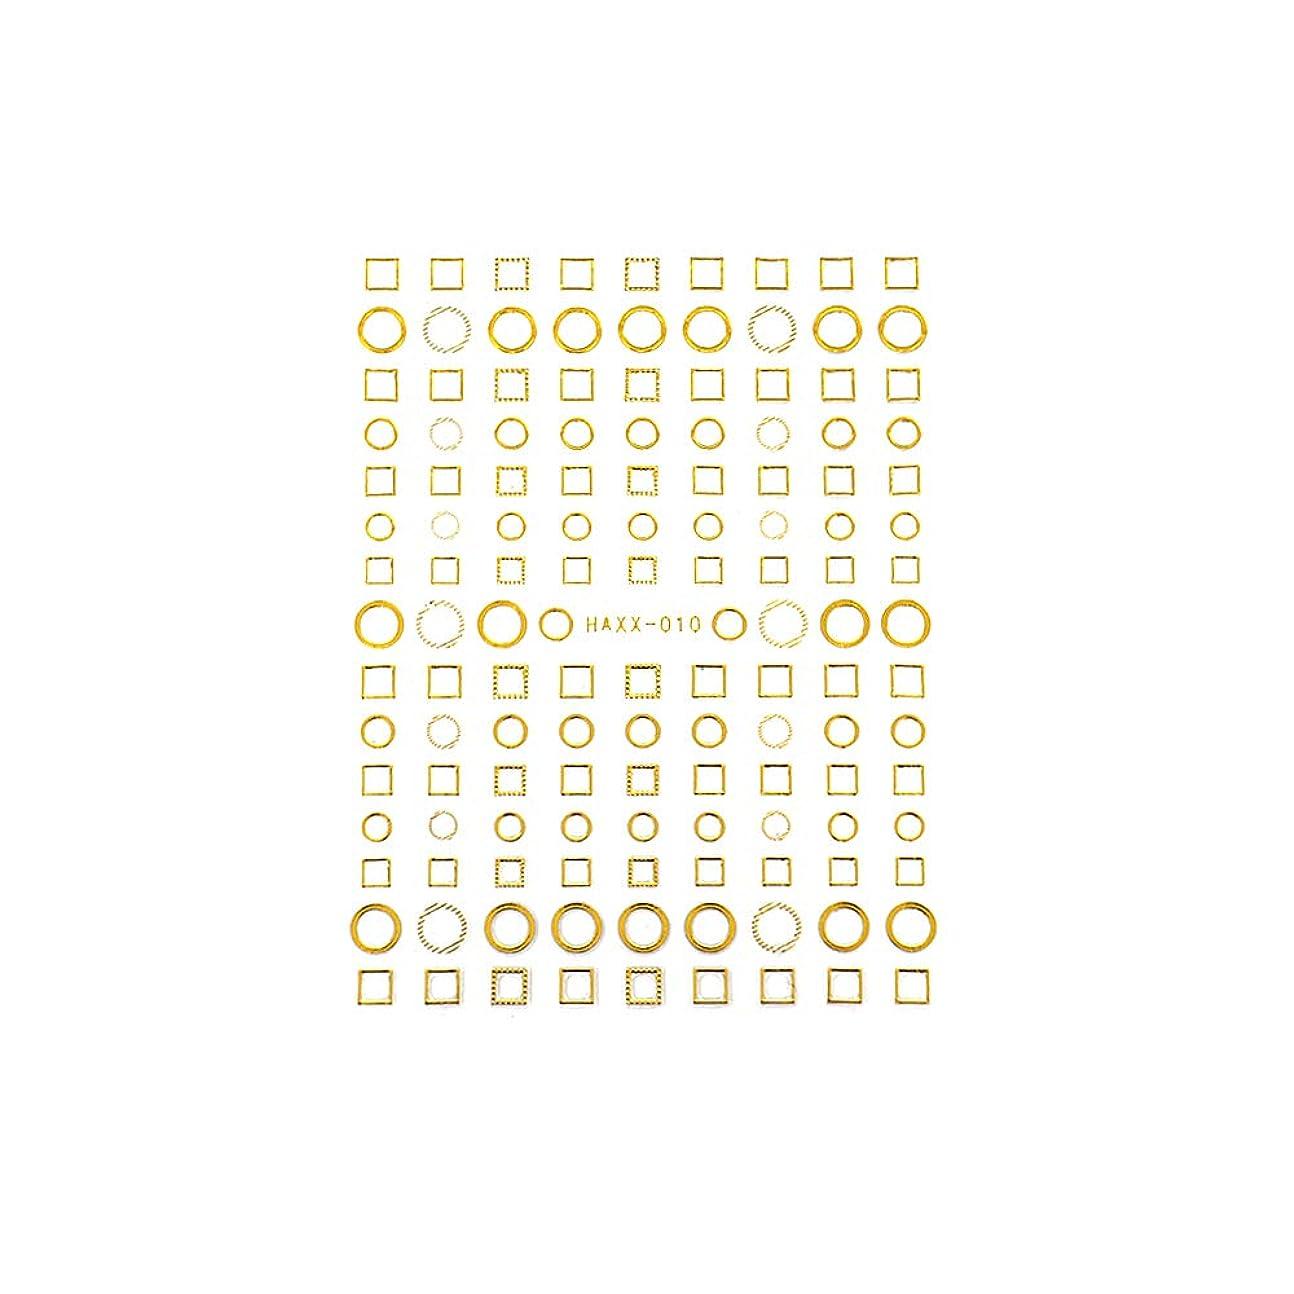 チャーミングましい想定するパーツ サークル ラウンド スクエア フレーム くり抜き ネイルシール フレームコレクションシール ゴールド【HAXX-010】